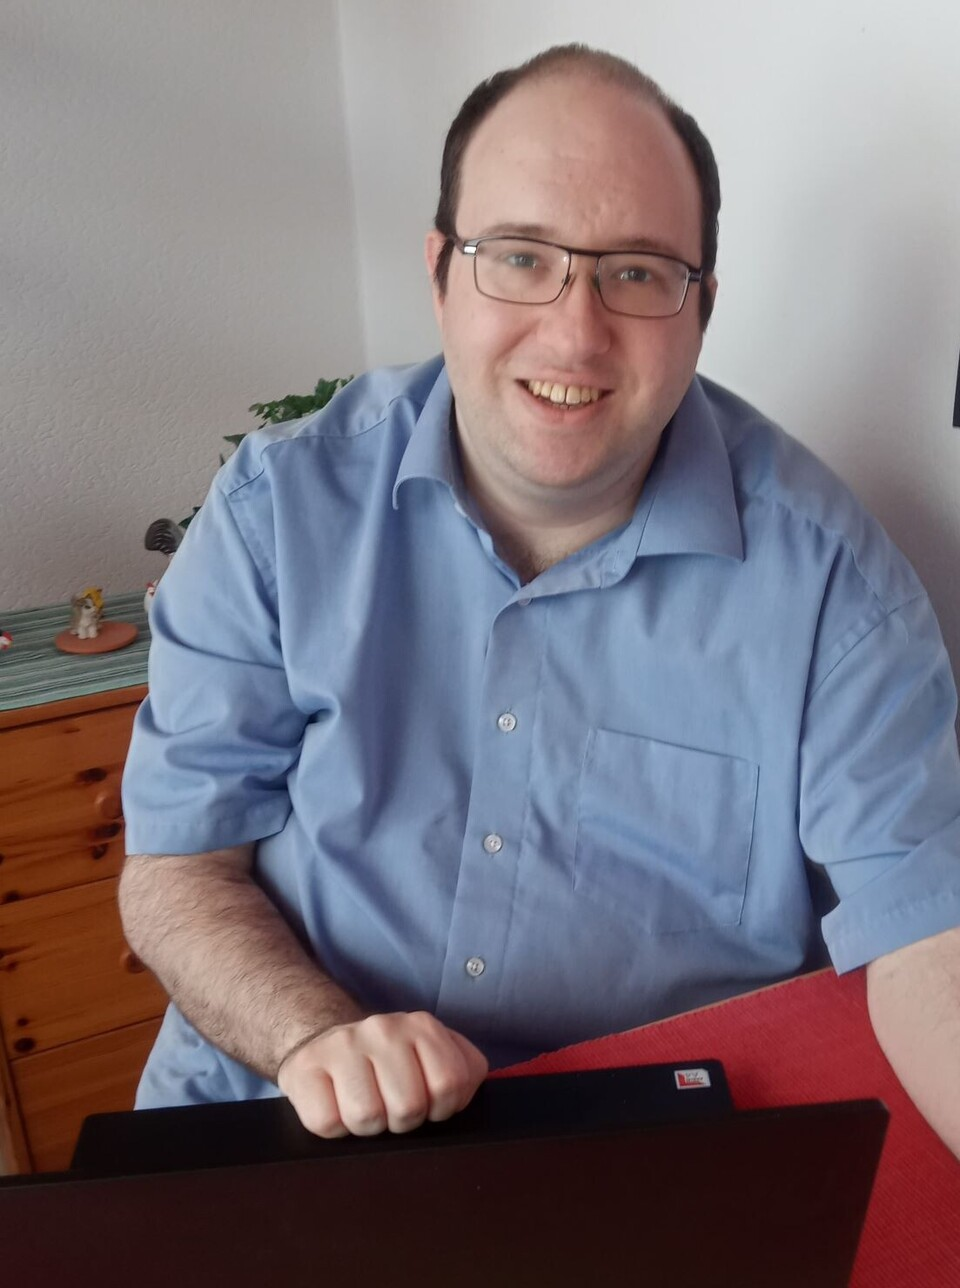 Dennis Riehle, privates Foto am Arbeitsplatz